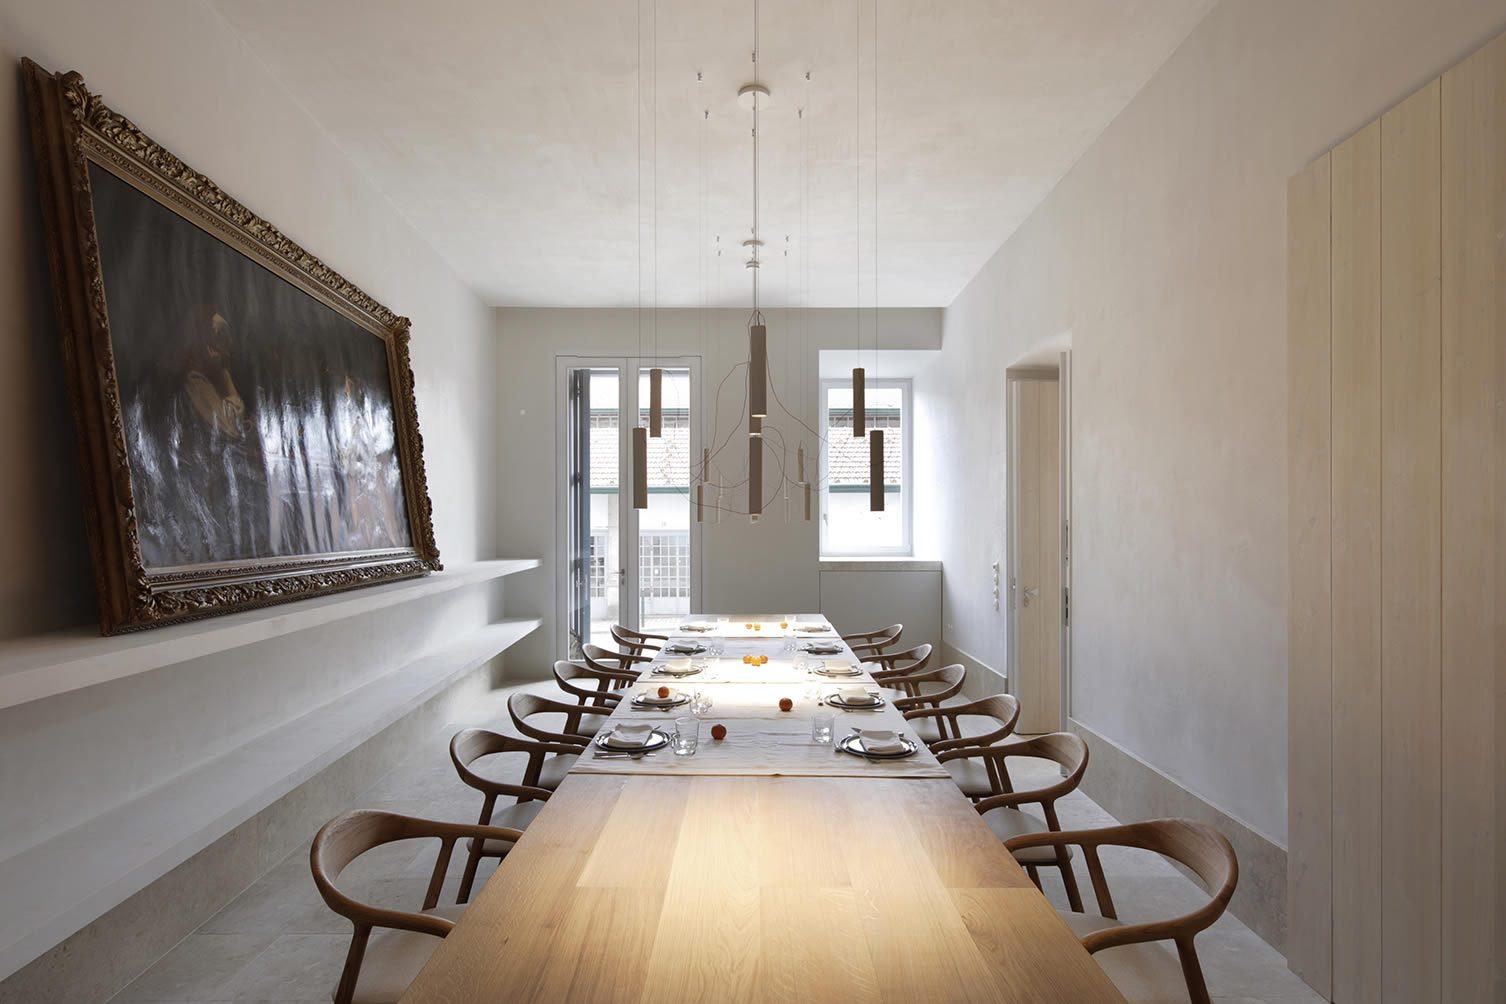 Santa Clara 1728 : Santa clara lisbon lisboa design apartments manuel aires mateus